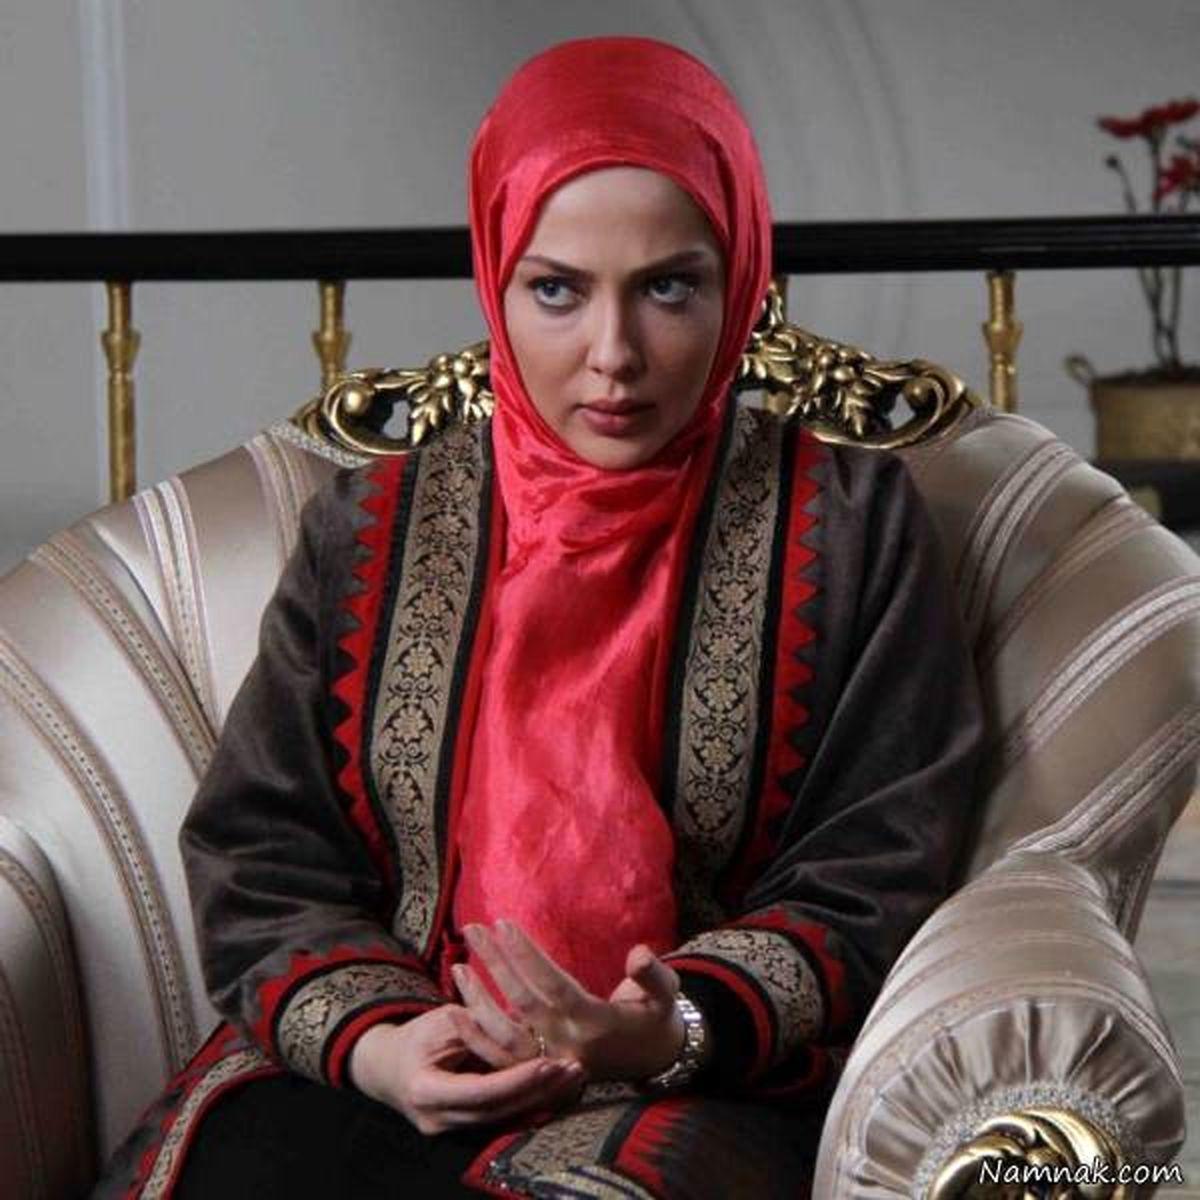 لیلا اوتادی گران قیمت ترین بازیگر زن سینما شد!